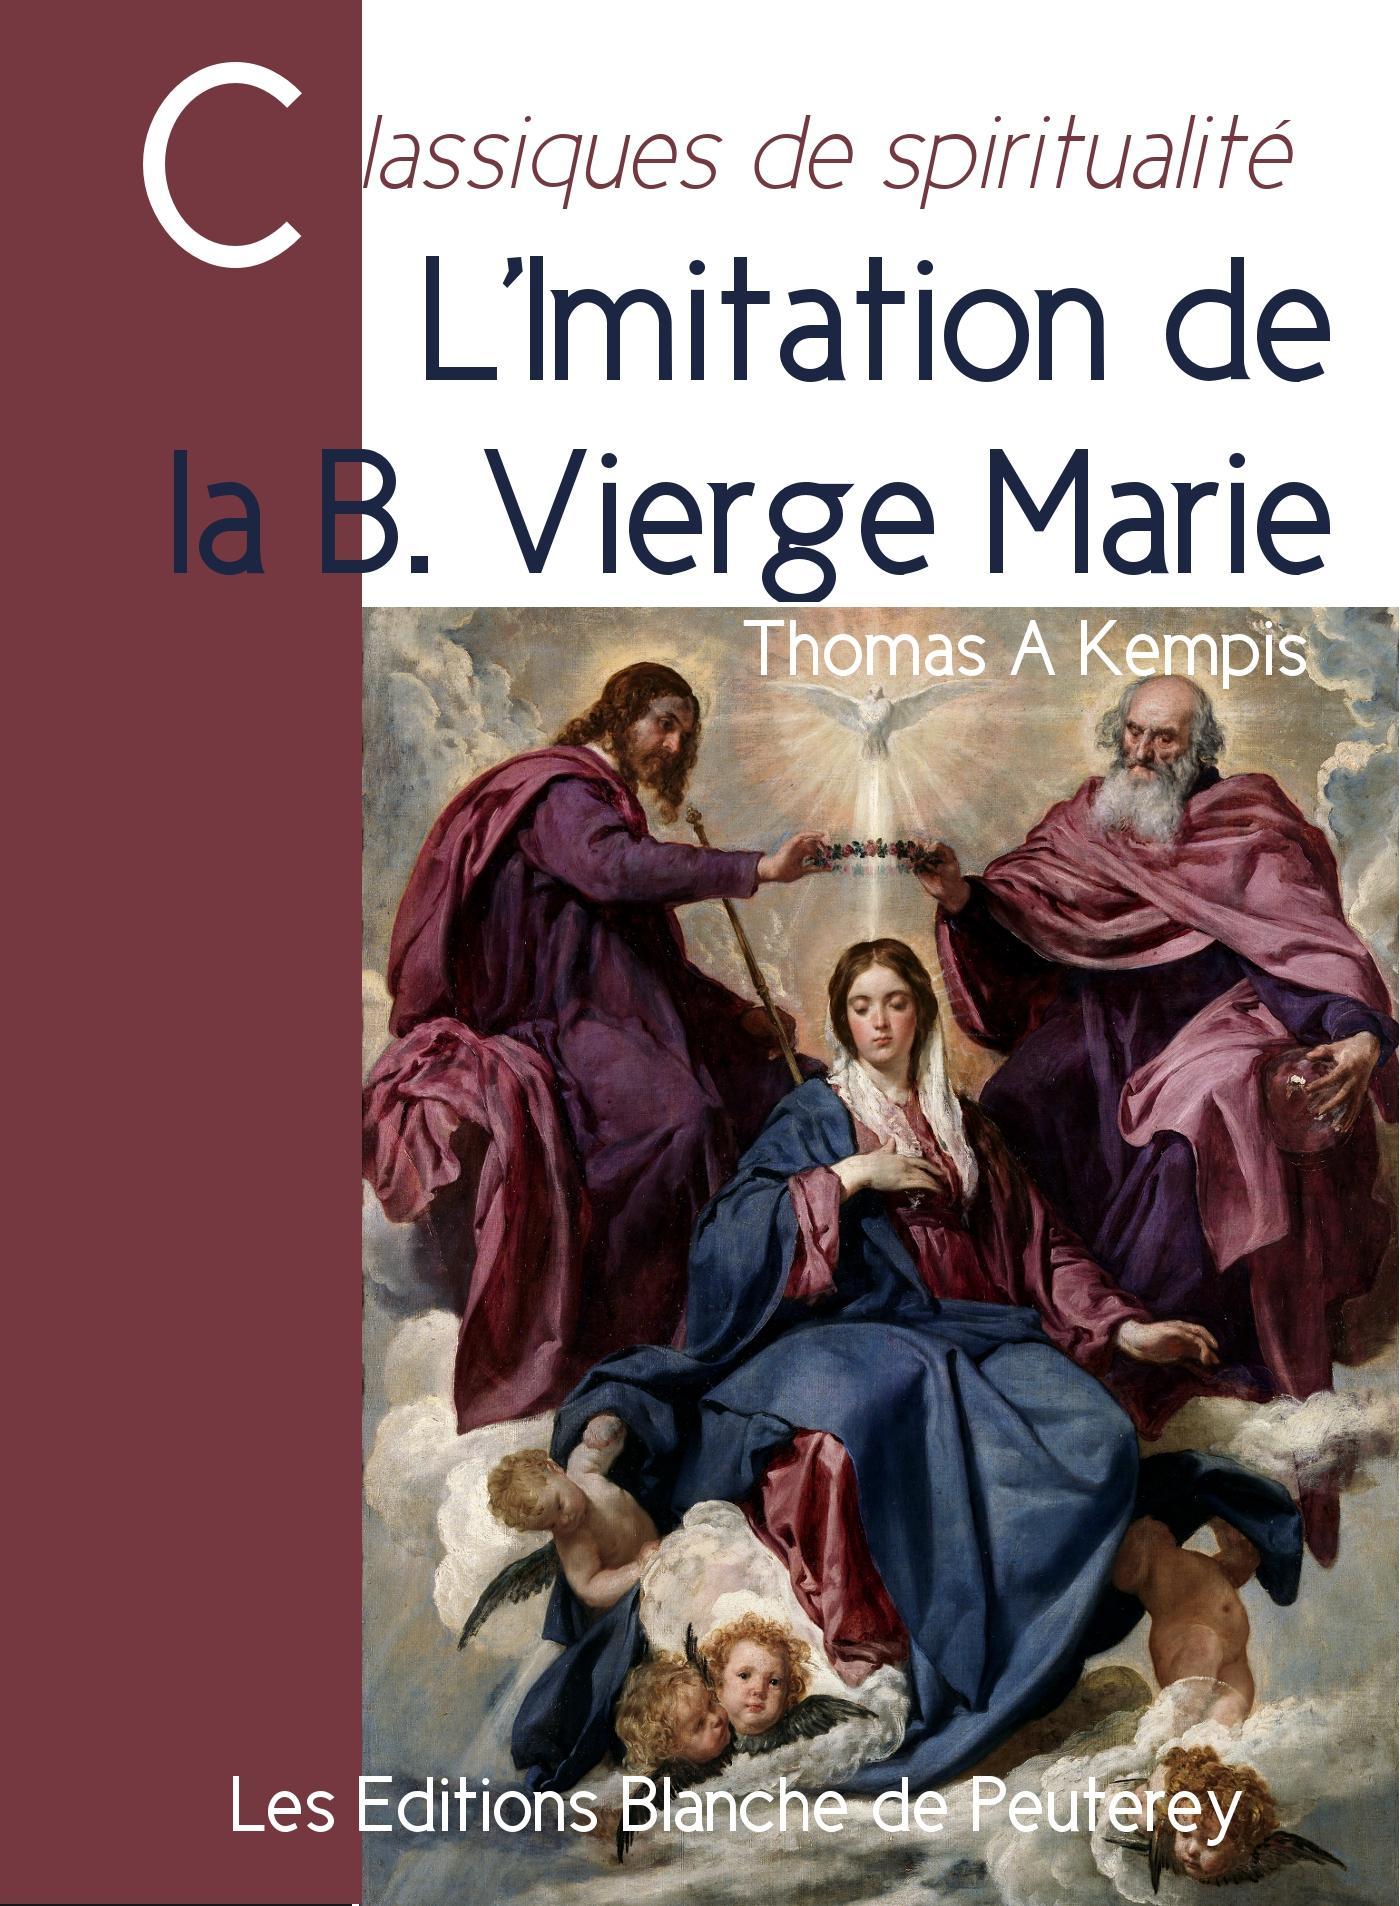 L'imitation de la bienheureuse Vierge Marie